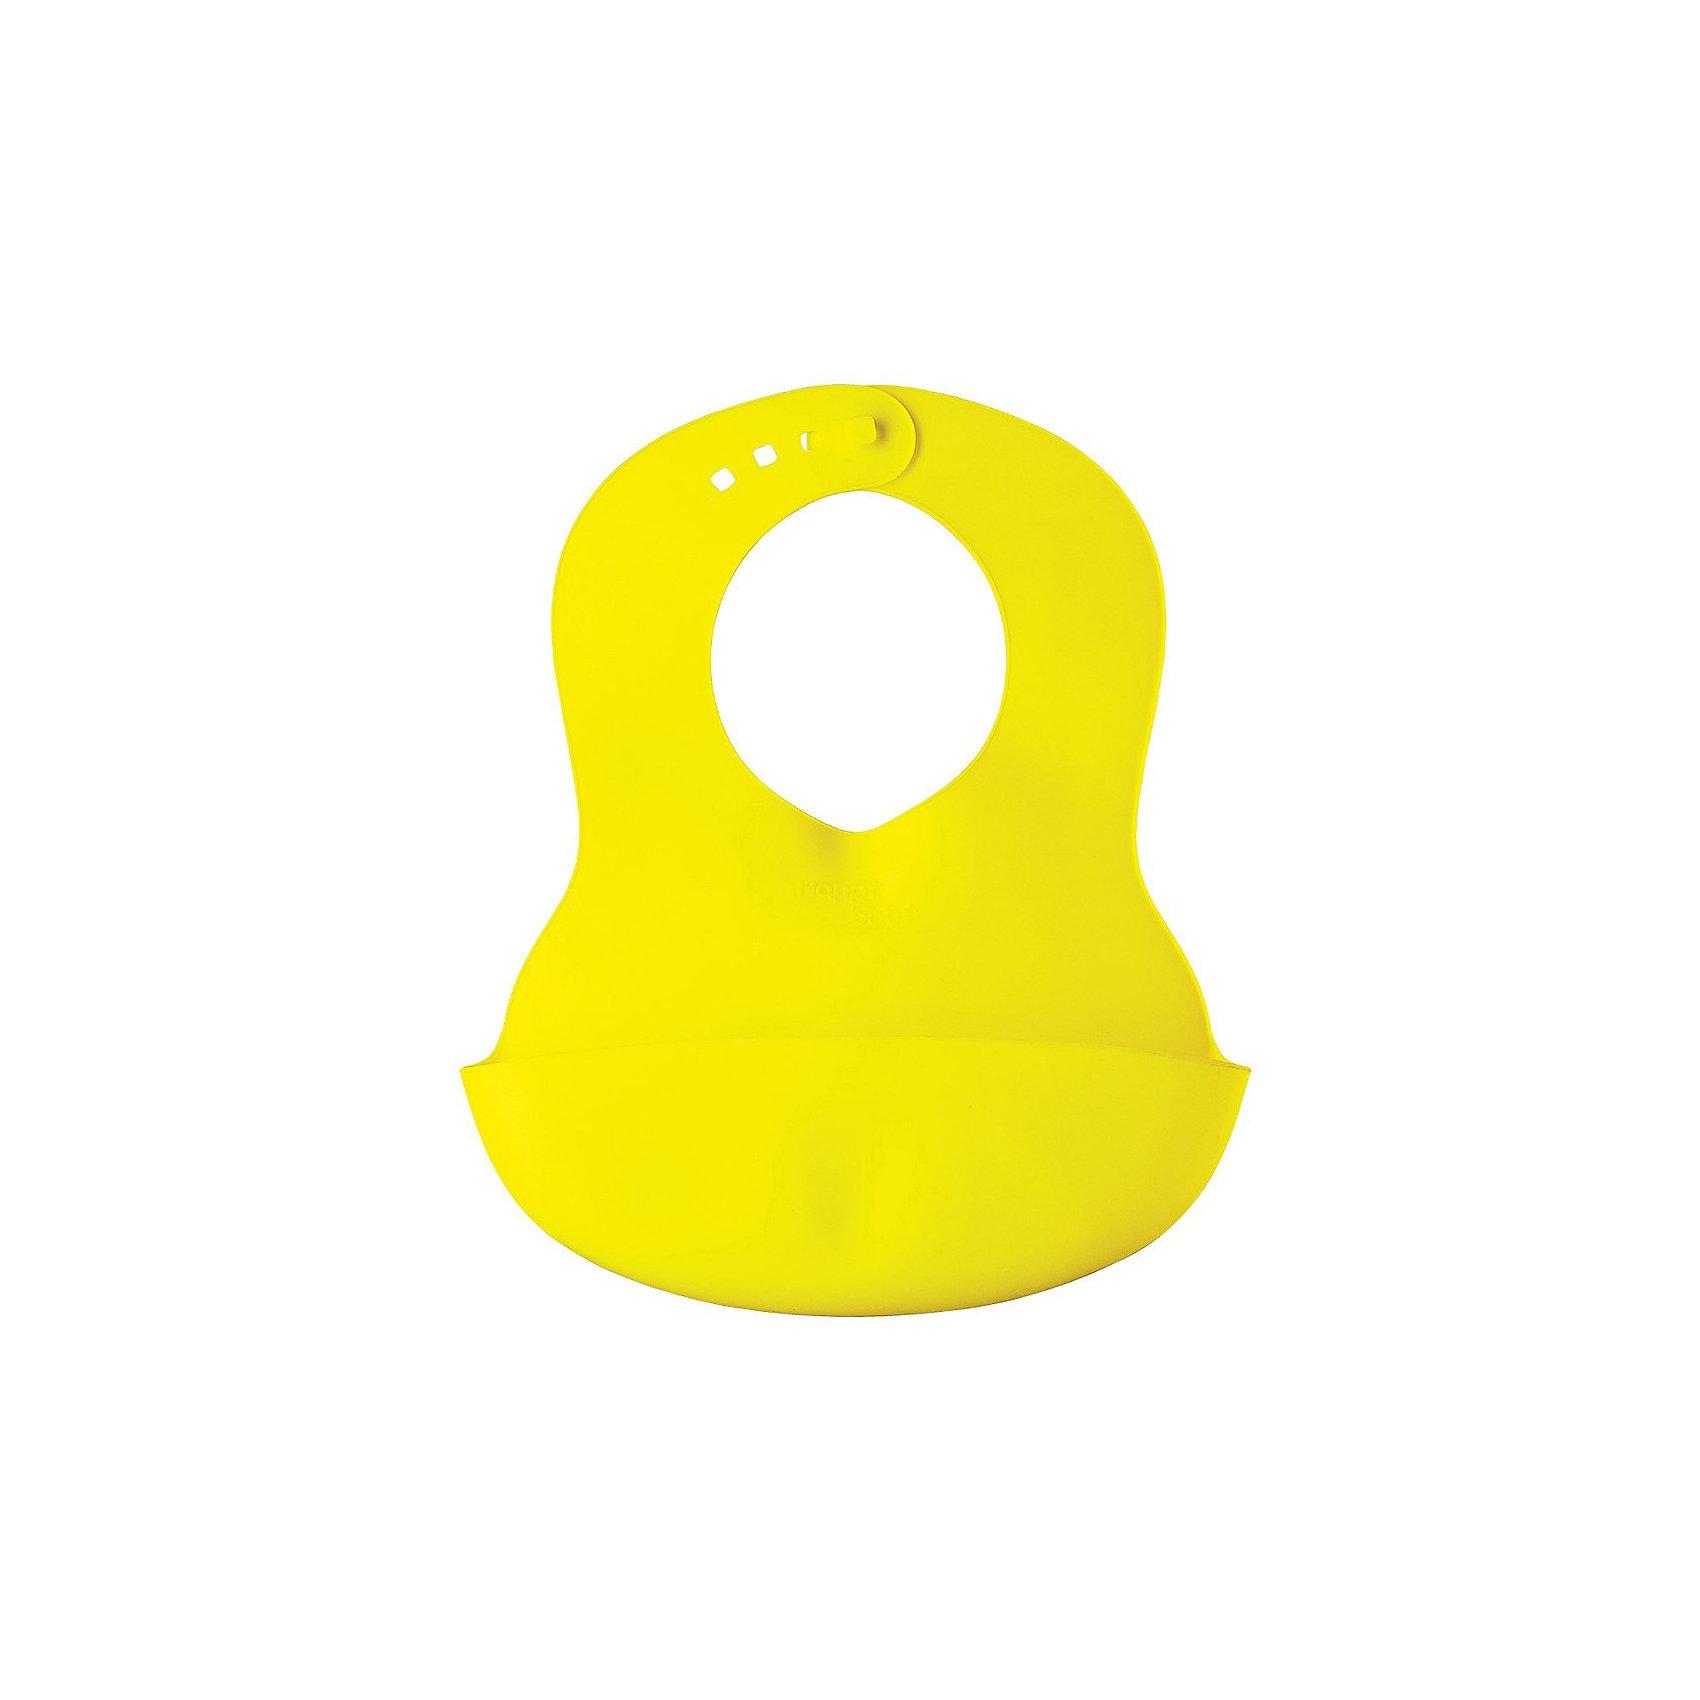 Пластиковый нагрудник Happy Baby, салатовый.Нагрудники и салфетки<br>Пластиковый нагрудник Happy Baby.<br>Кармашек для улавливания пищи. Удобная регулируемая застежка. Надежно защищает. Изготовлен из долговечного материала. Легко мыть.<br>Цвет: салатовый.<br>Пластиковый нагрудник Happy Baby можно купить в нашем интернет-магазине.<br><br>Ширина мм: 230<br>Глубина мм: 35<br>Высота мм: 270<br>Вес г: 95<br>Возраст от месяцев: 6<br>Возраст до месяцев: 36<br>Пол: Унисекс<br>Возраст: Детский<br>SKU: 3397841